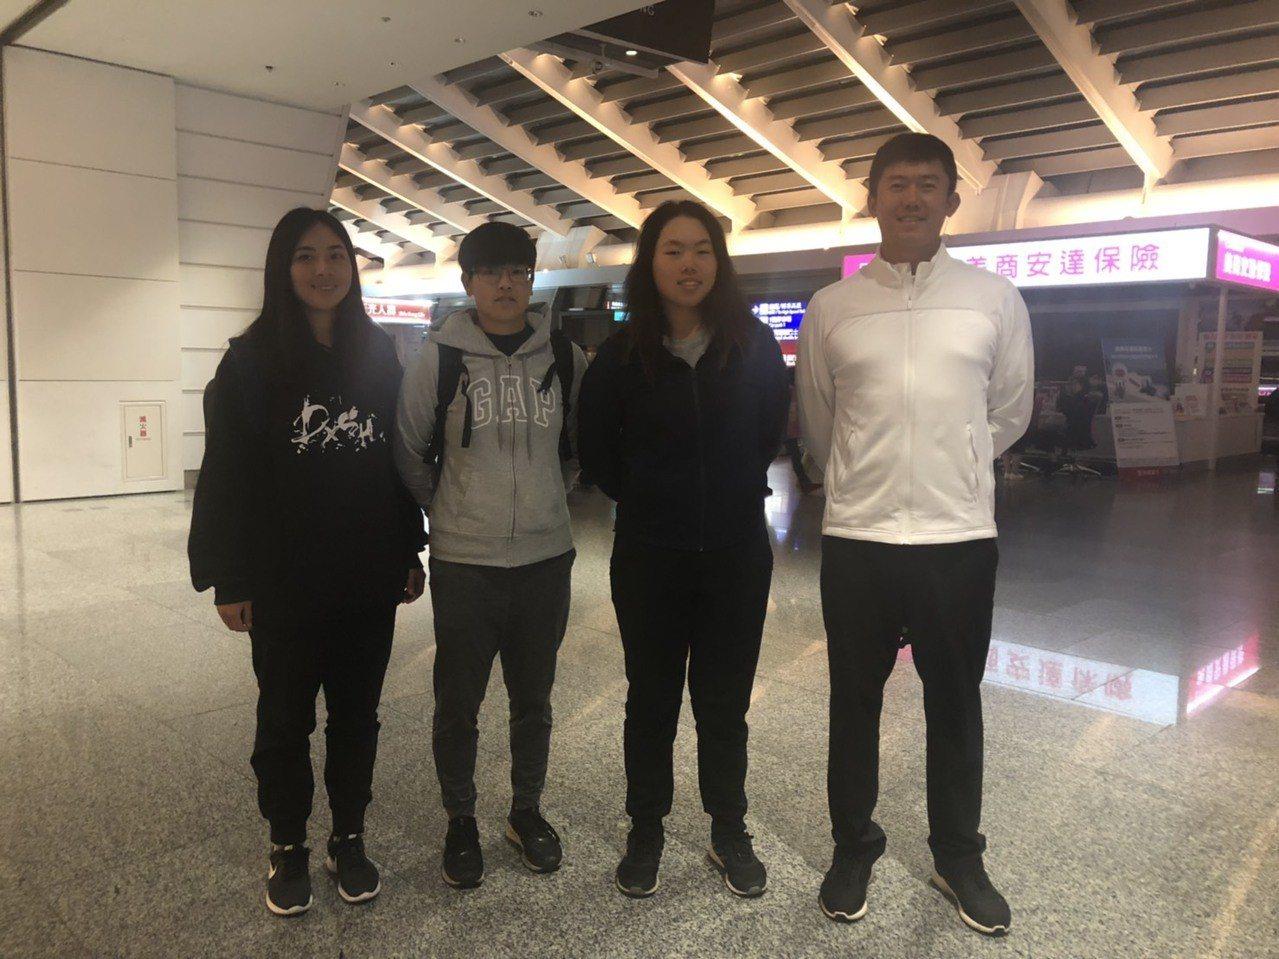 中華女子高球代表隊2日上午6時搭機 前往澳洲阿德雷德參加2019泰后盃亞太女子高...